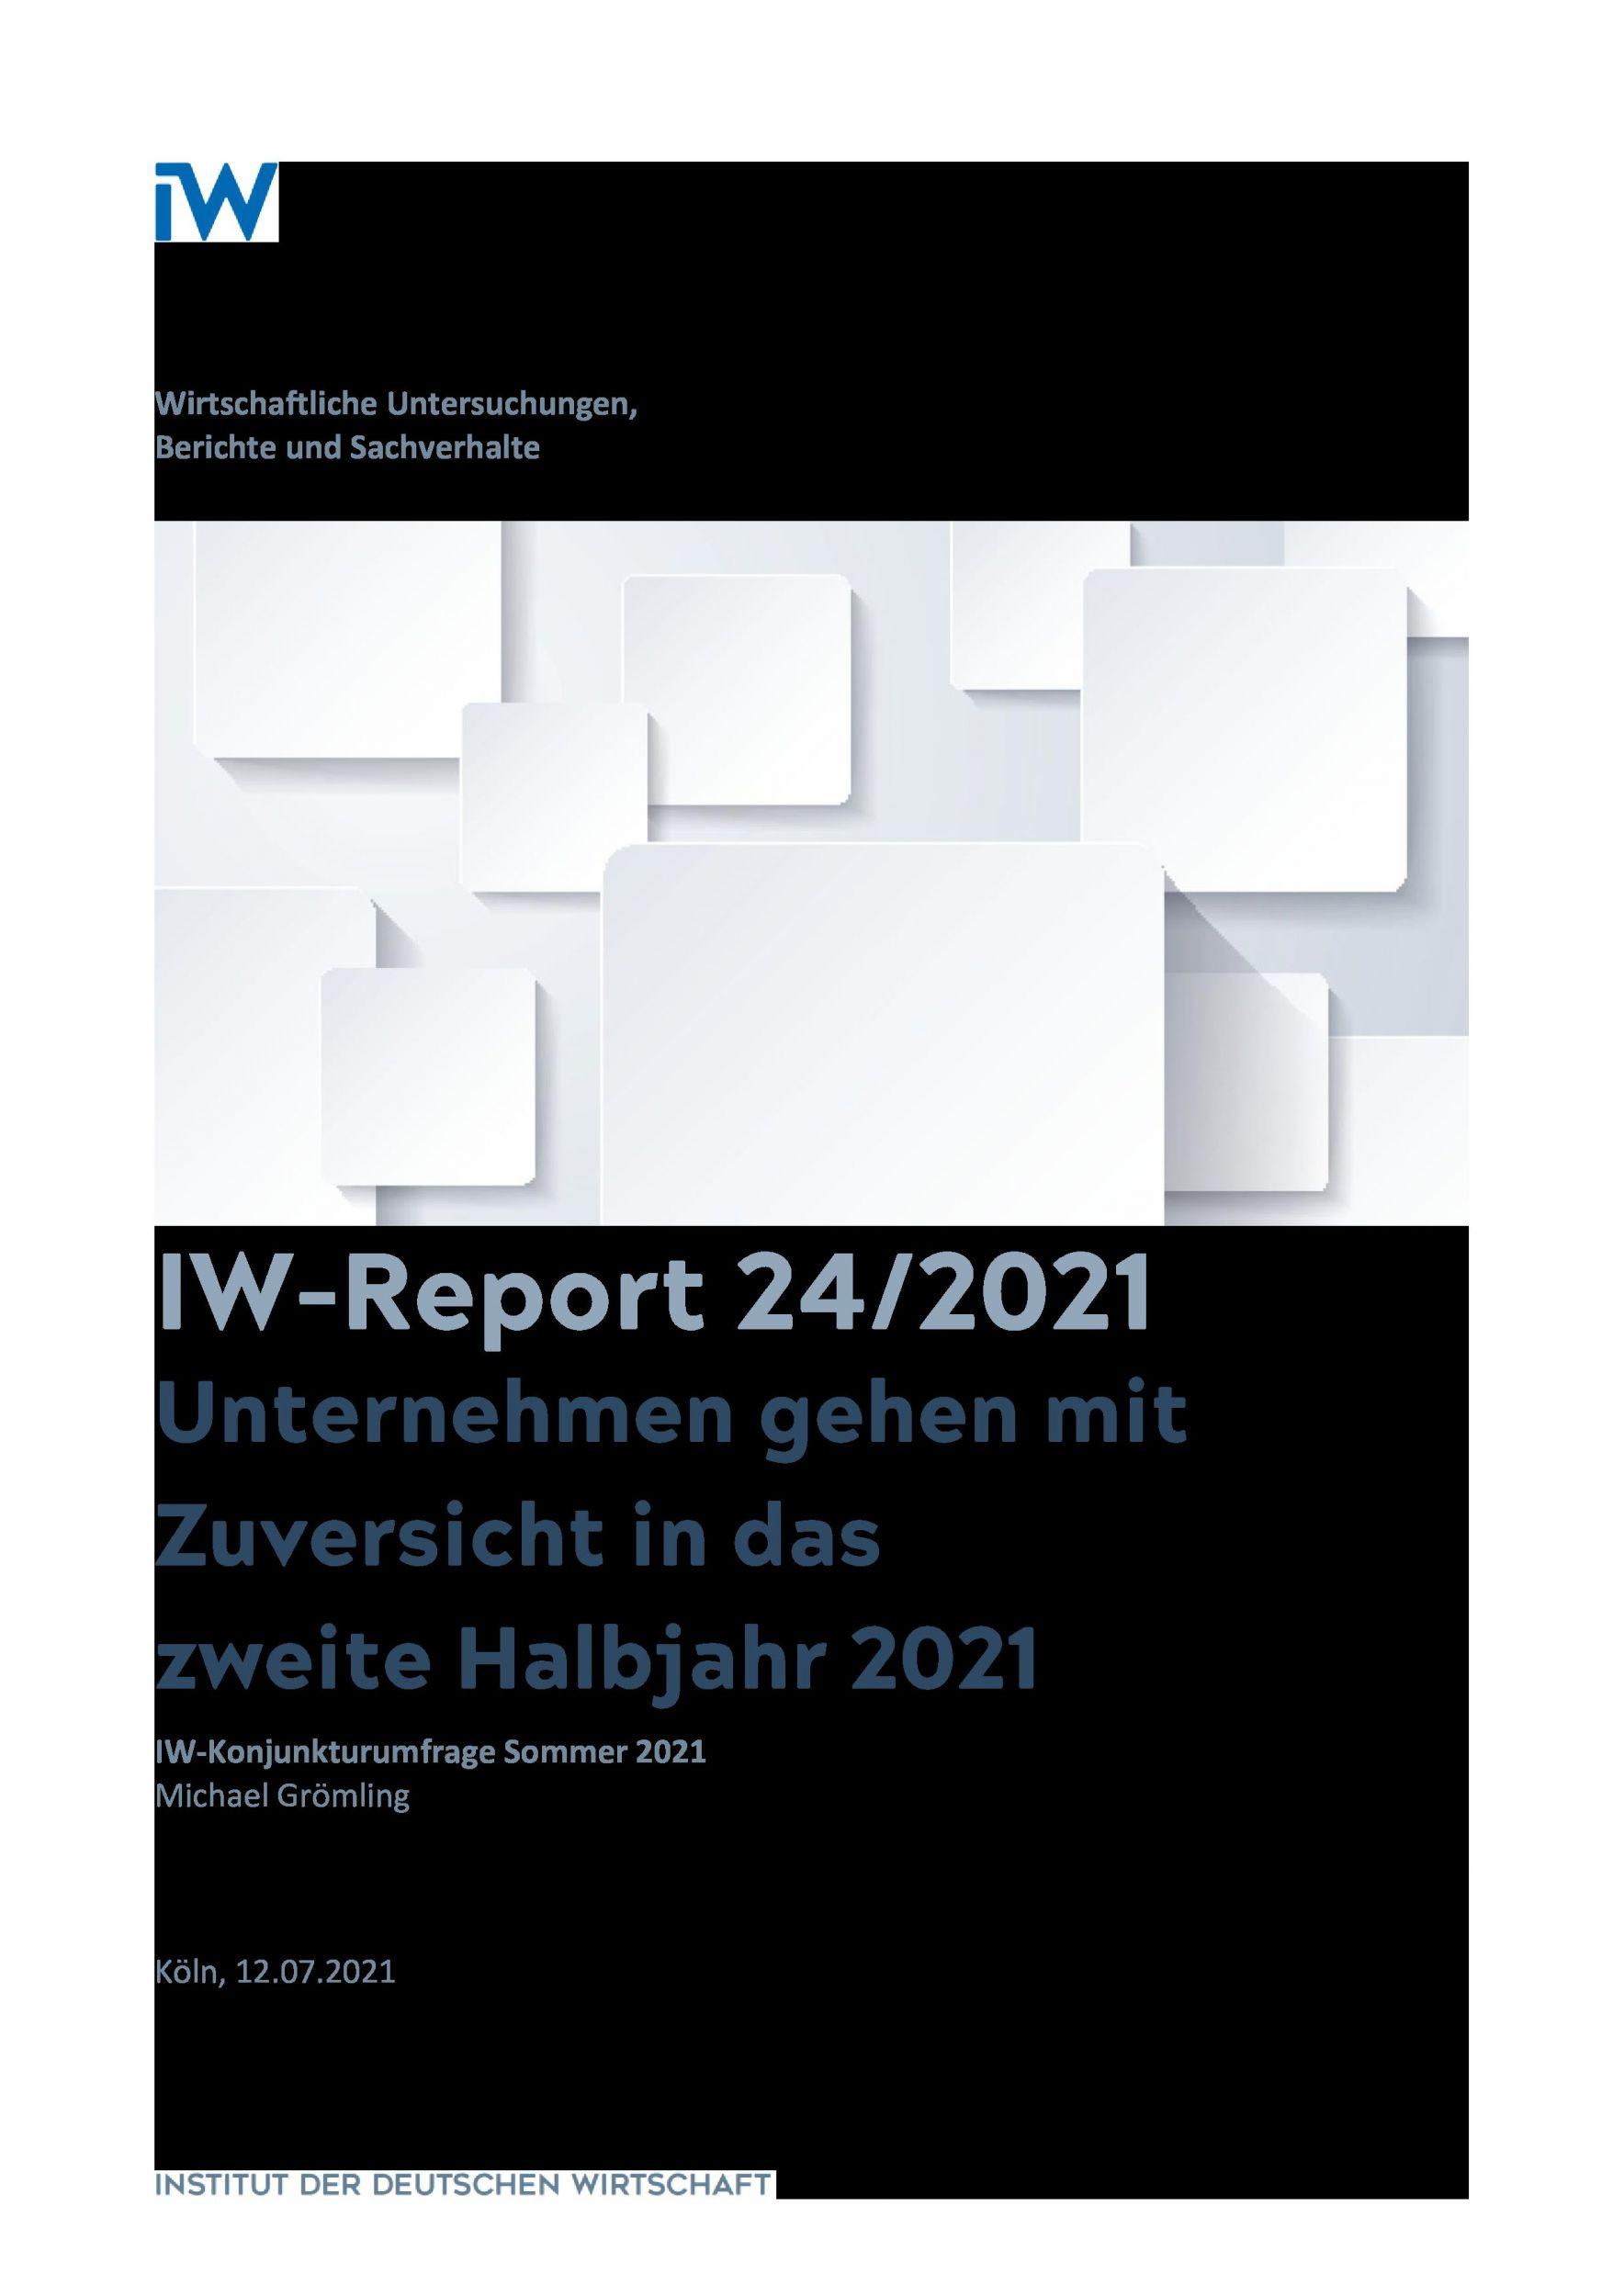 IW-Konjunkturumfrage: Endlich wieder Optimismus